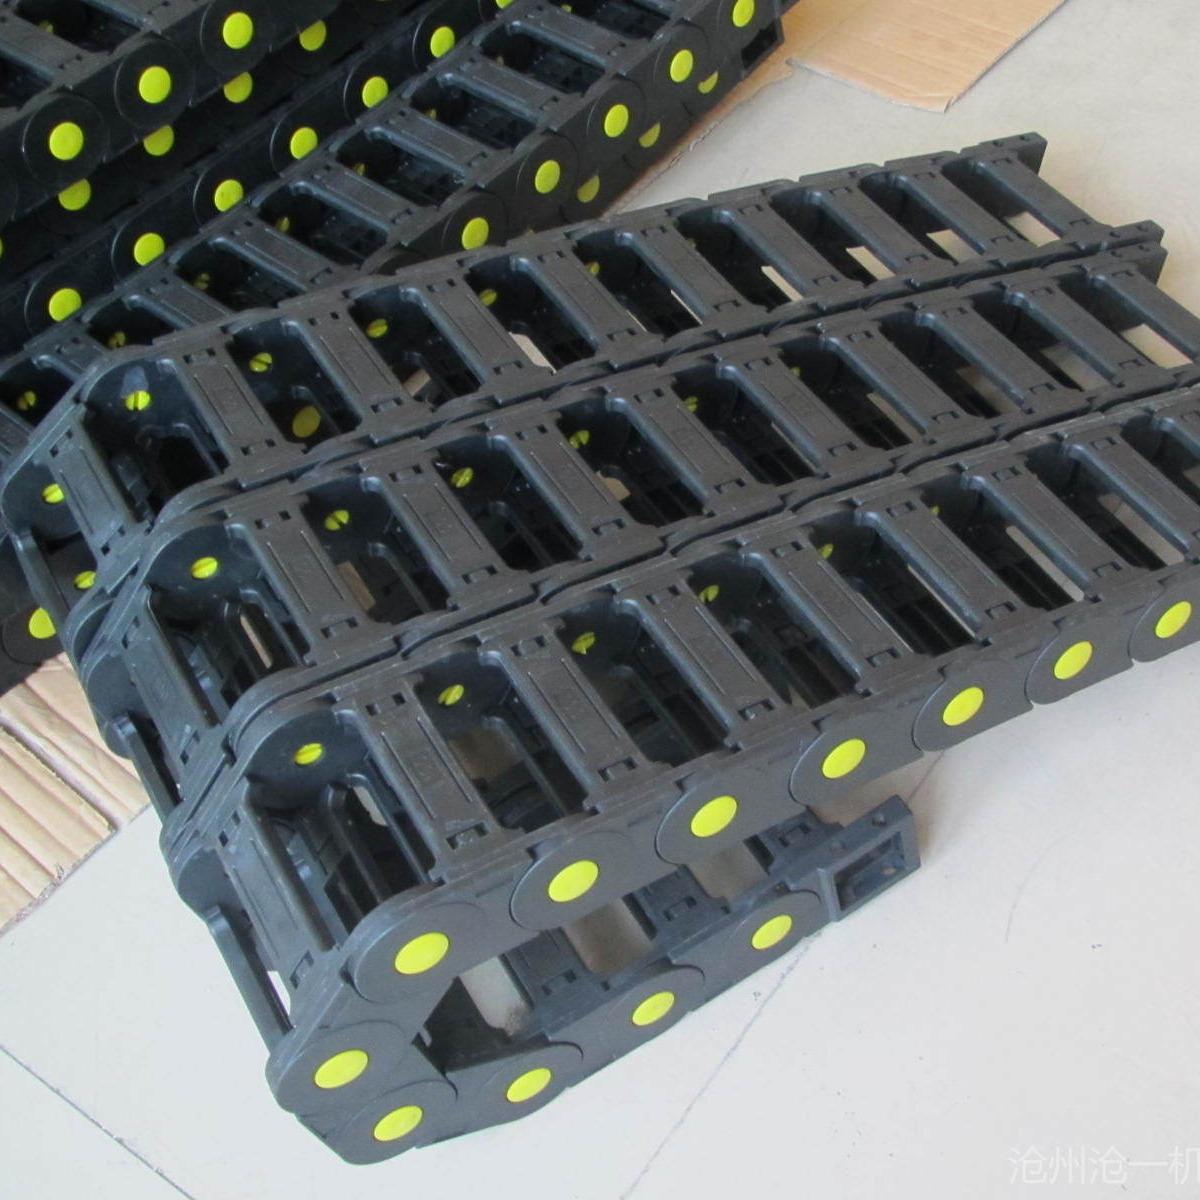 滄一批發加工中心塑料拖鏈穿線尼龍拖鏈電纜塑料拖鏈